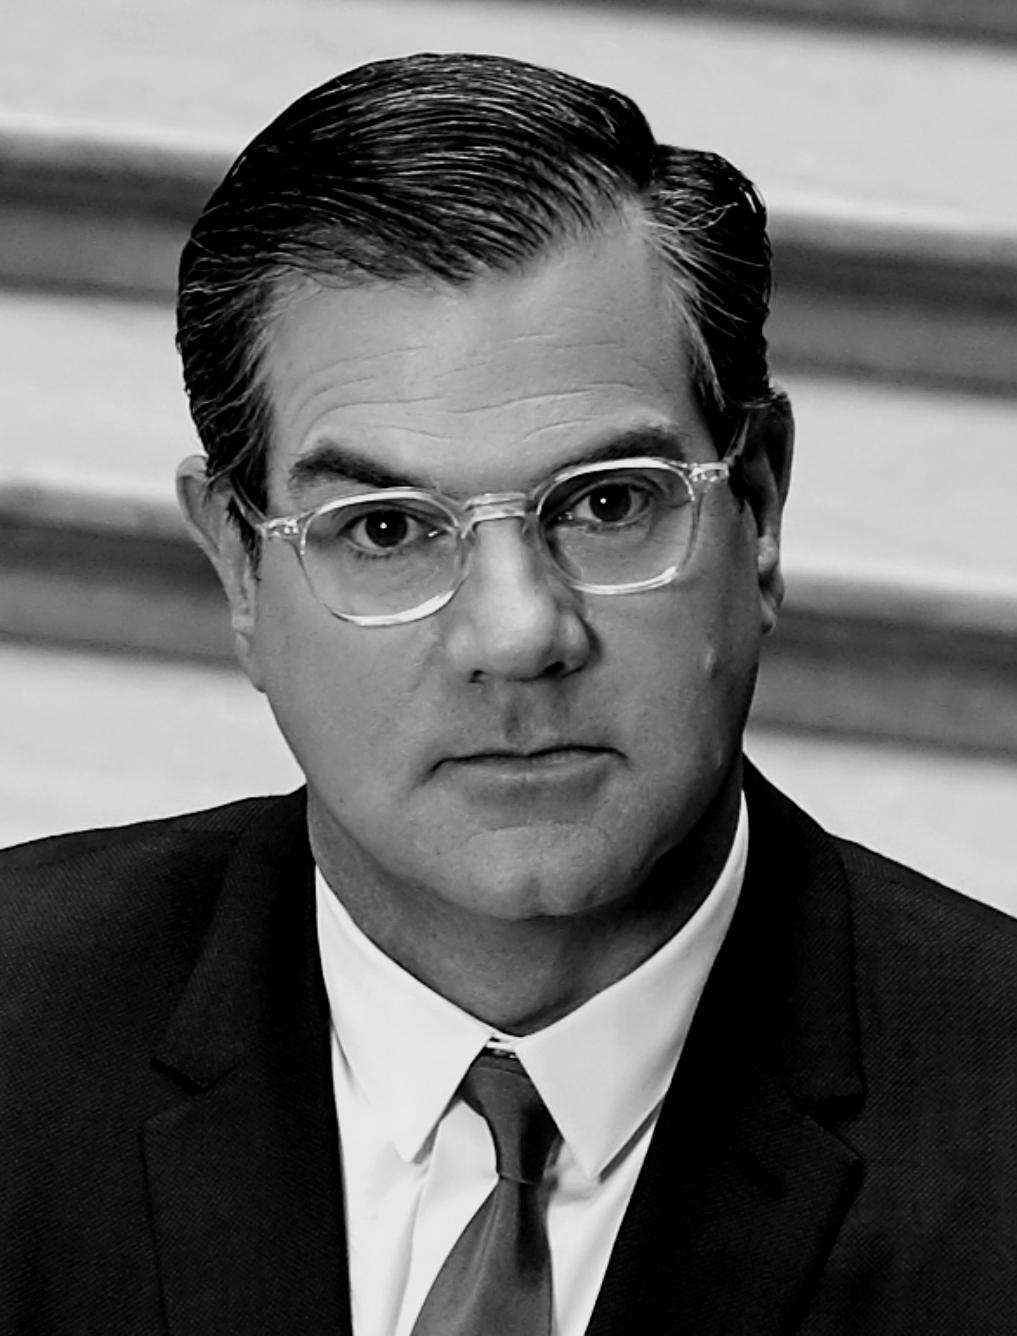 James Rondeau